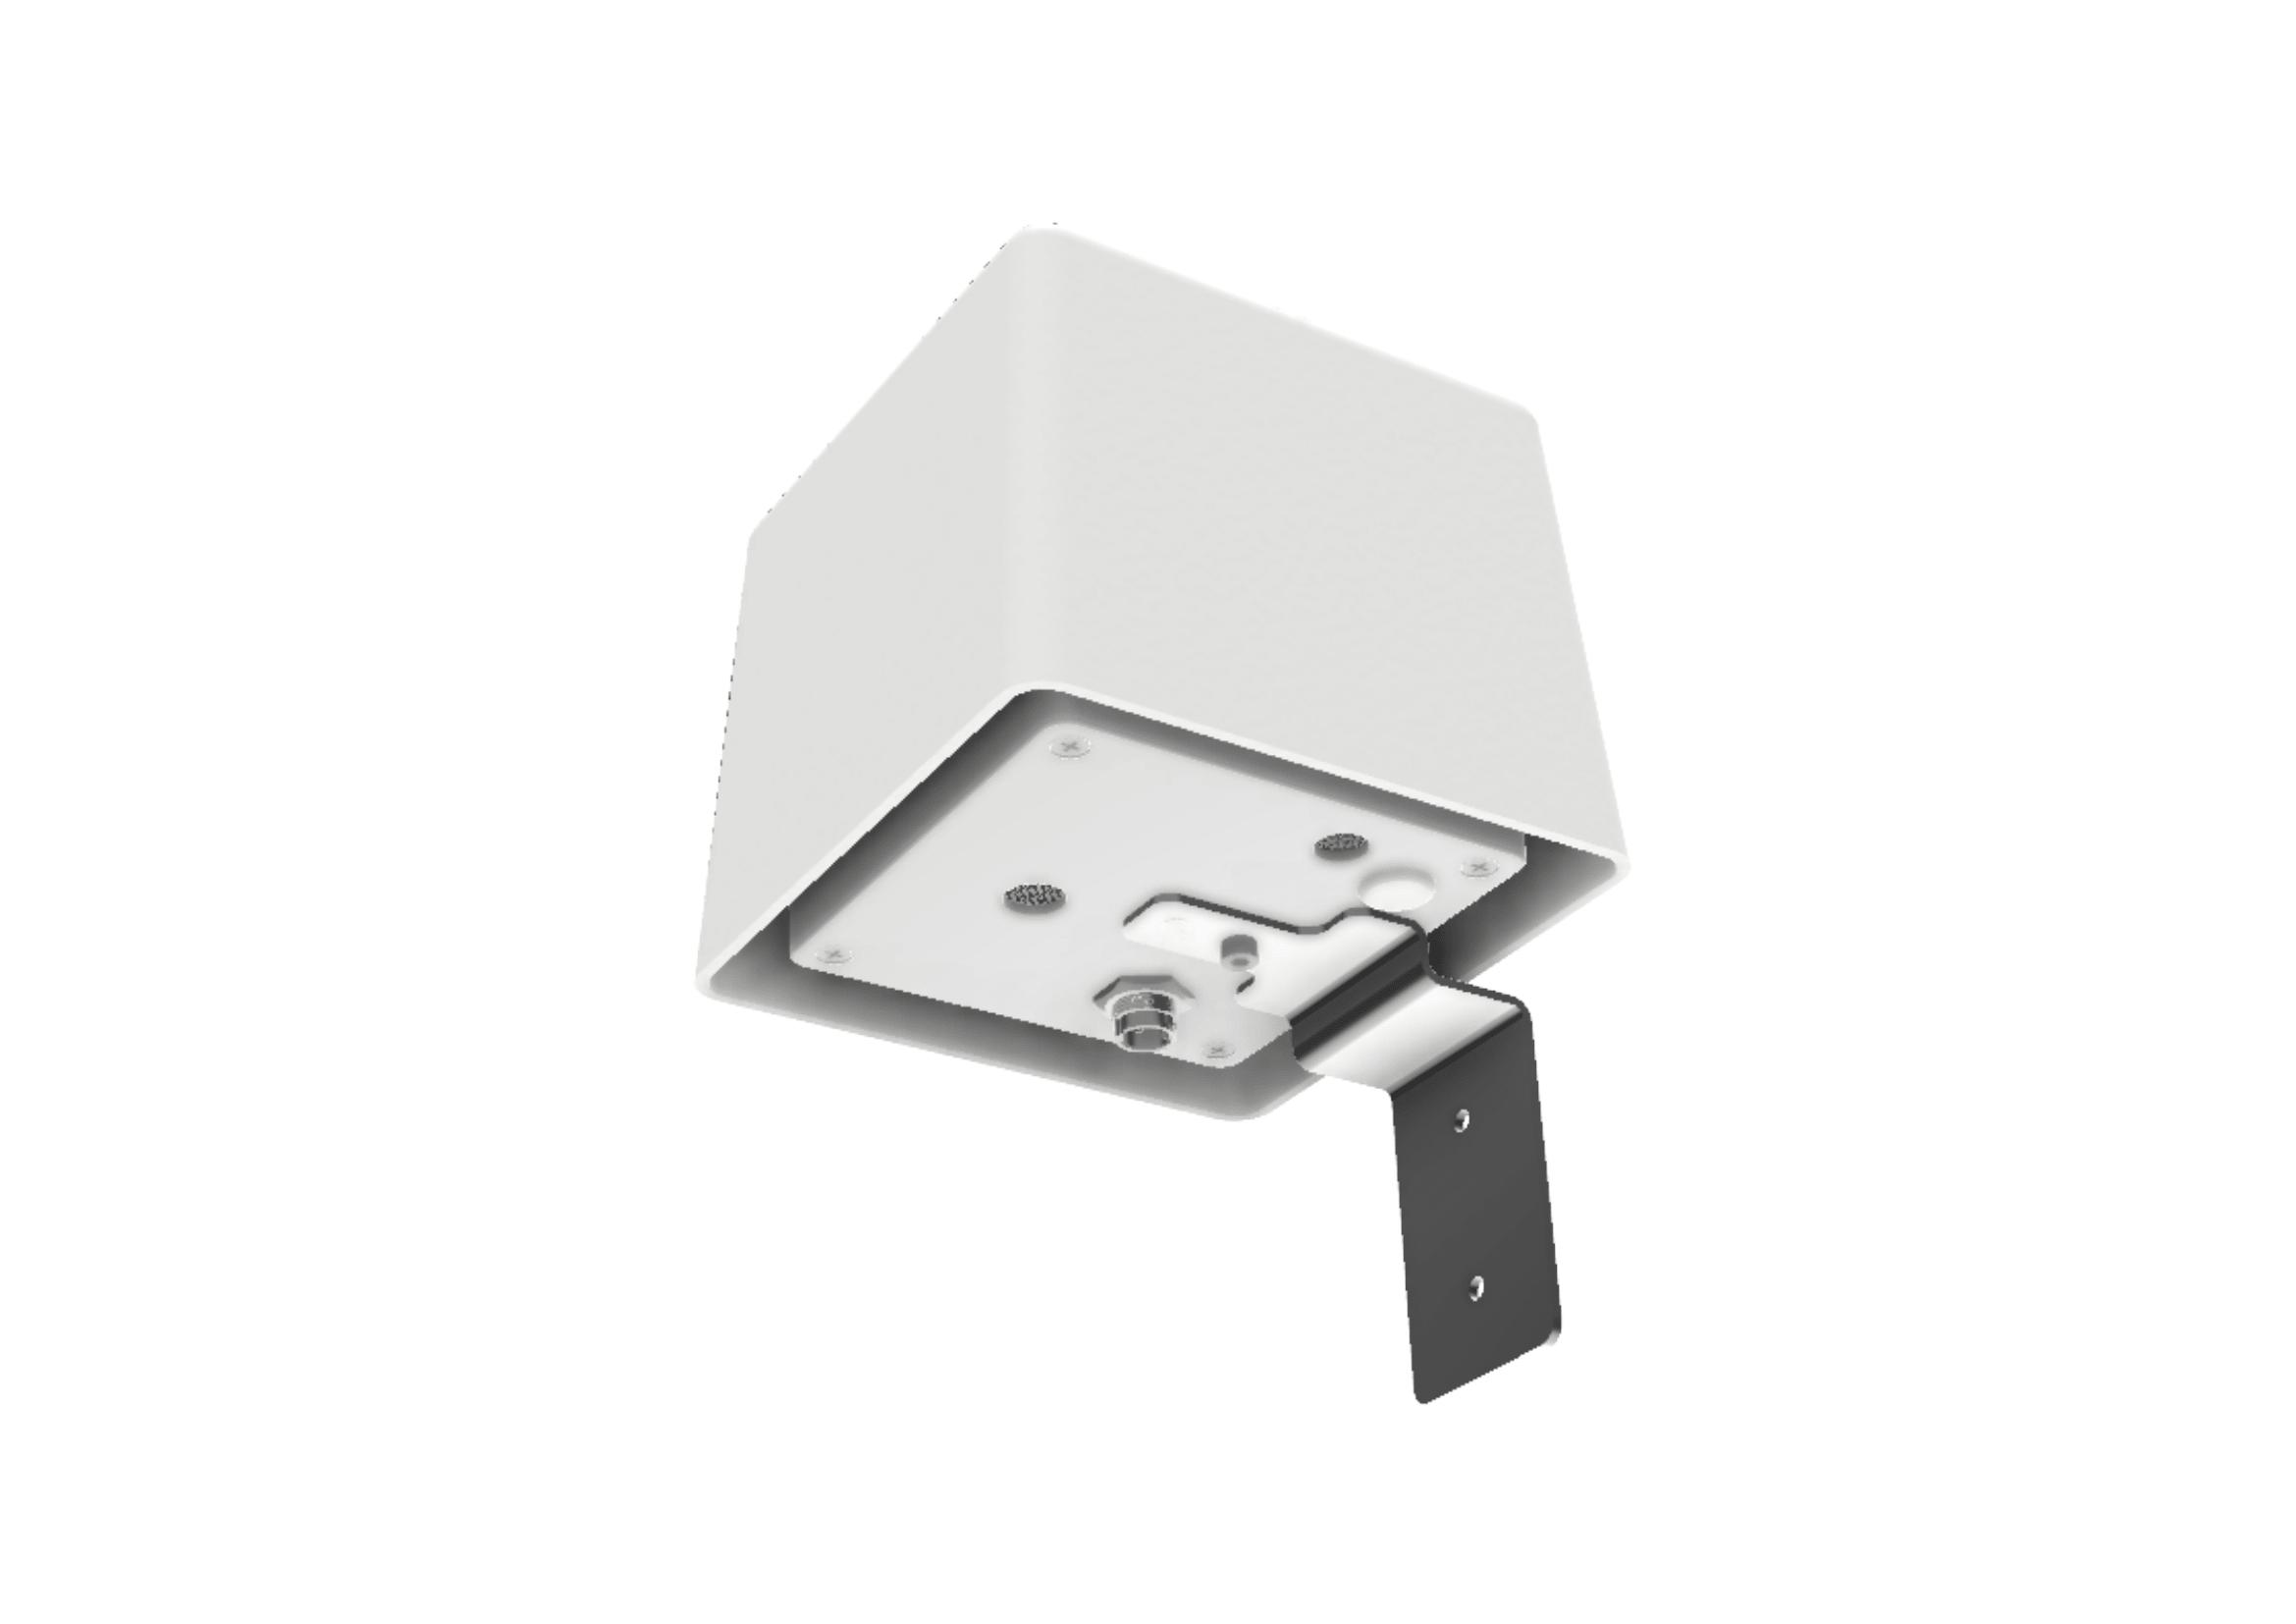 PM Cube Sm v16 1 e1607965448201